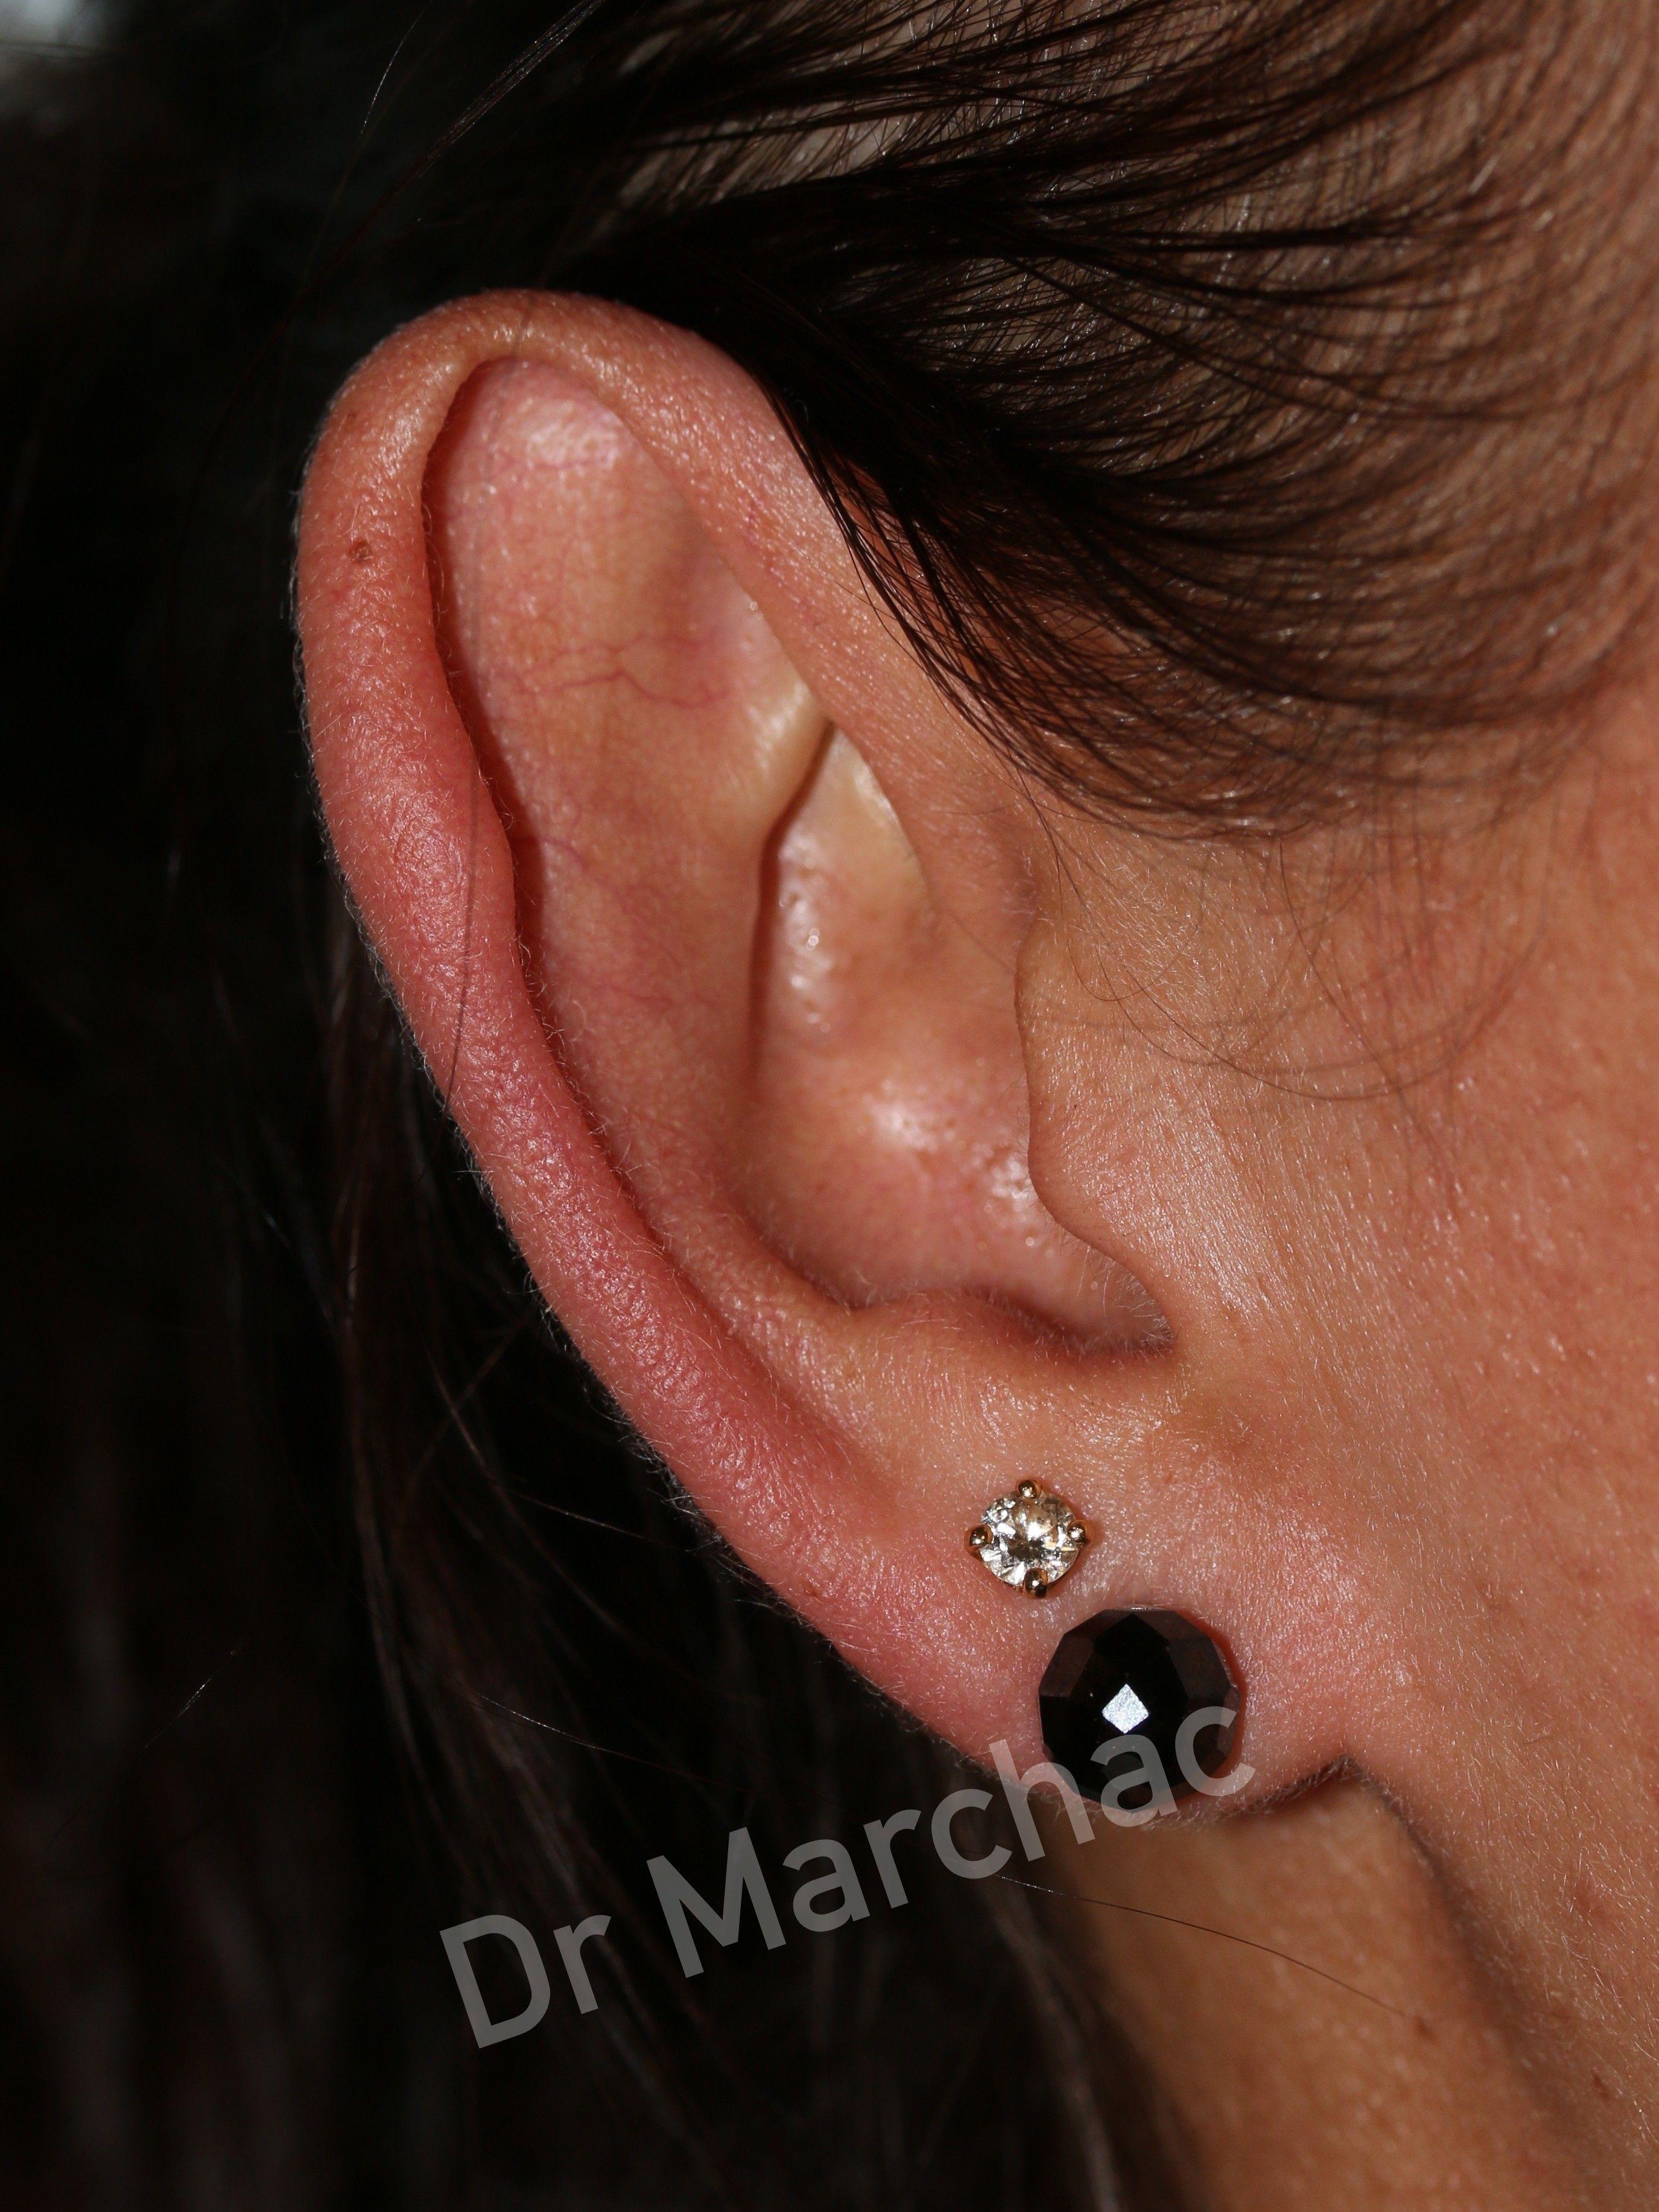 Photo avant pose d'un implant Earfold pour corriger l'oreille décollée 1